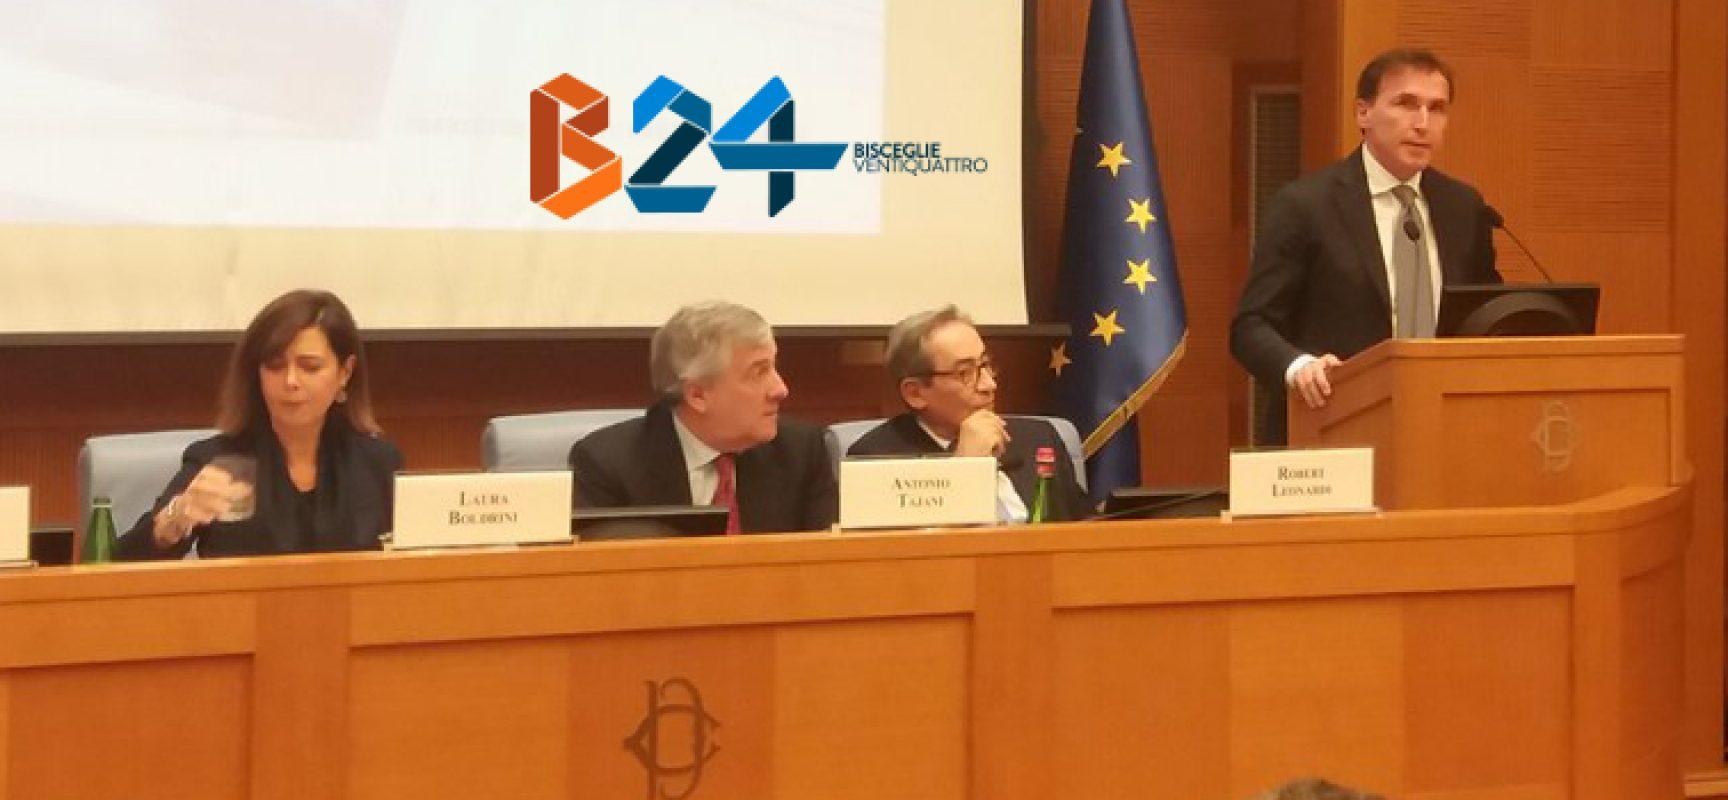 Francesco Boccia presenta il suo libro alla presenza di Laura Boldrini e Antonio Tajani